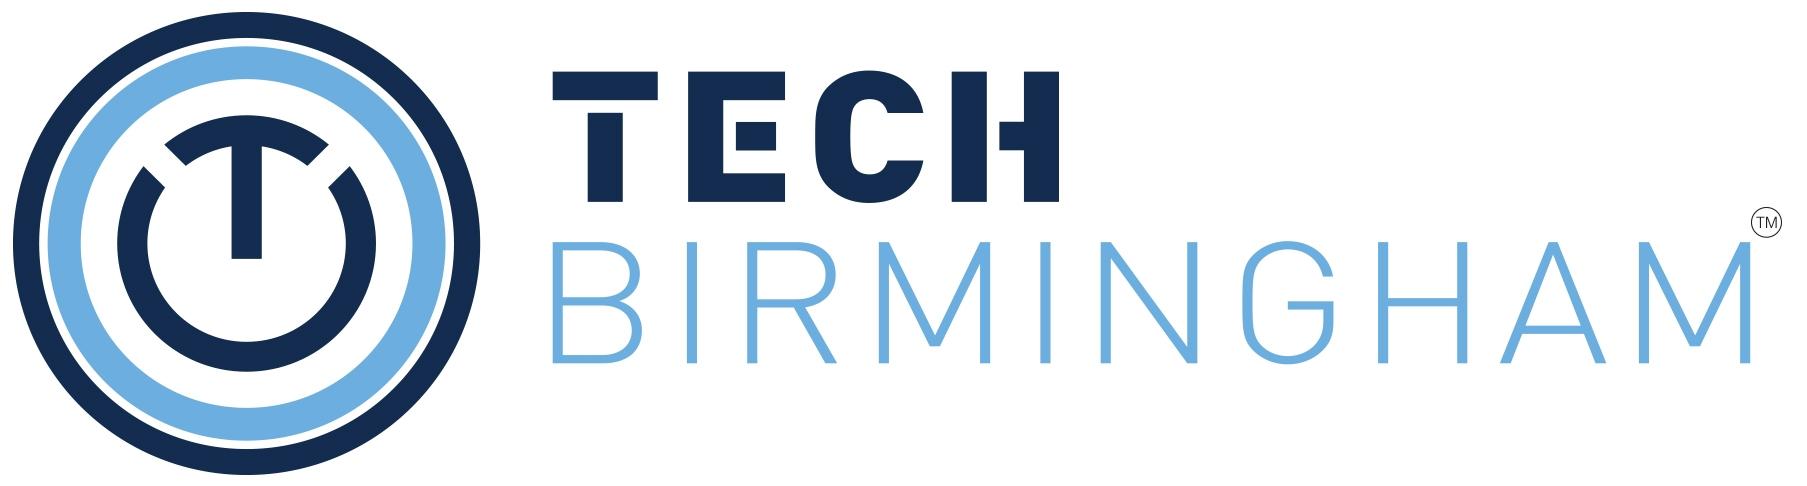 Tech_Birmingham_2015.jpg